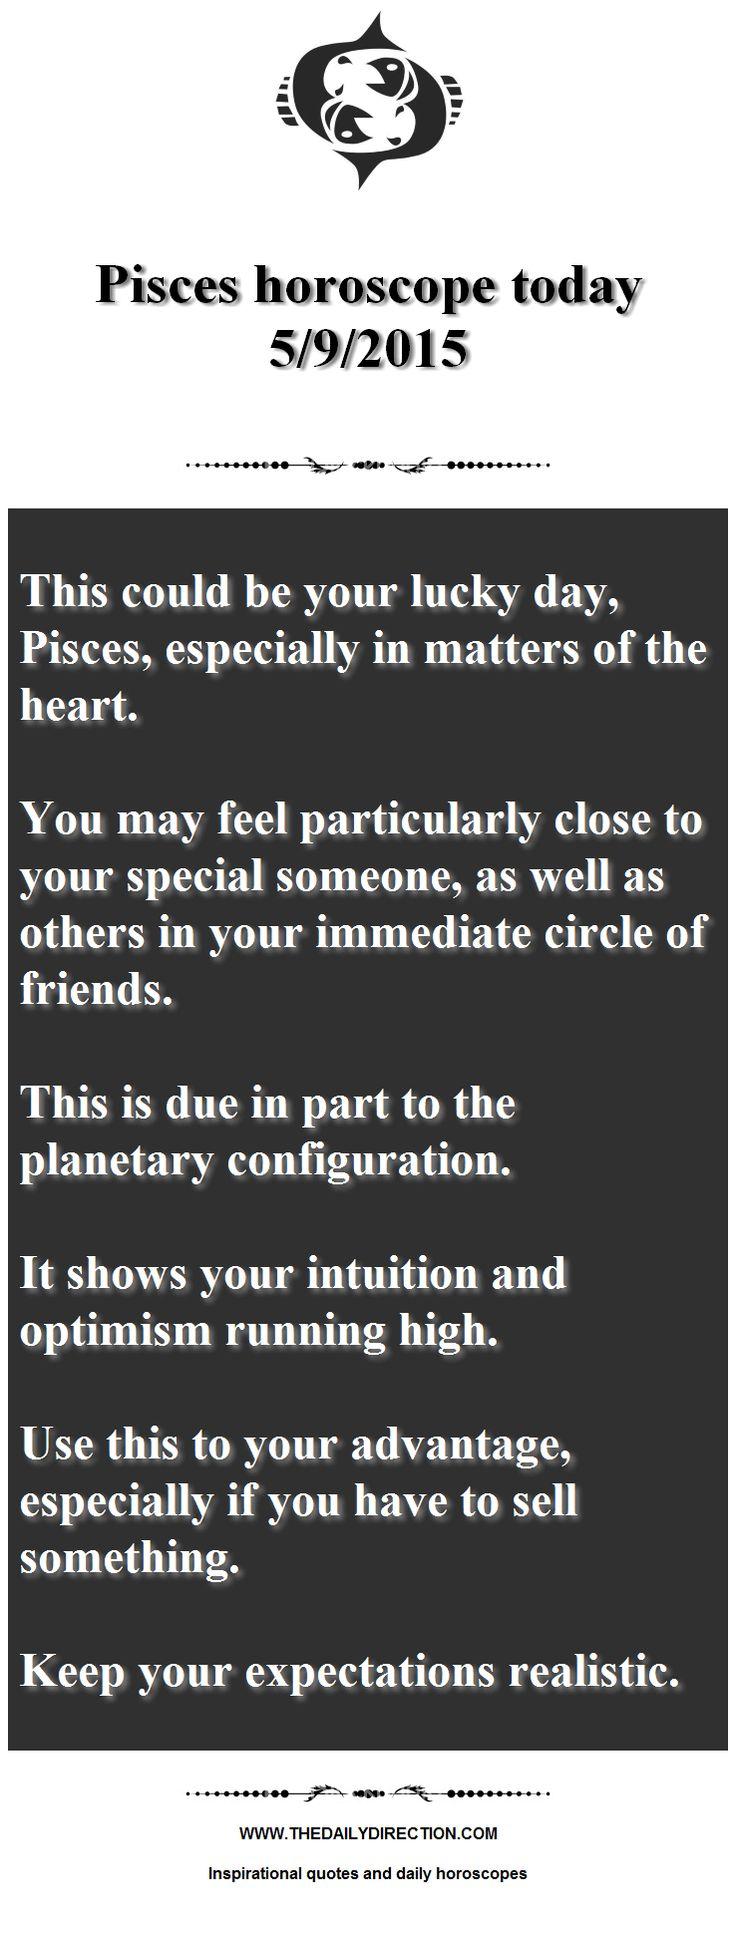 Please share 5 9 2015 horoscope for pisces